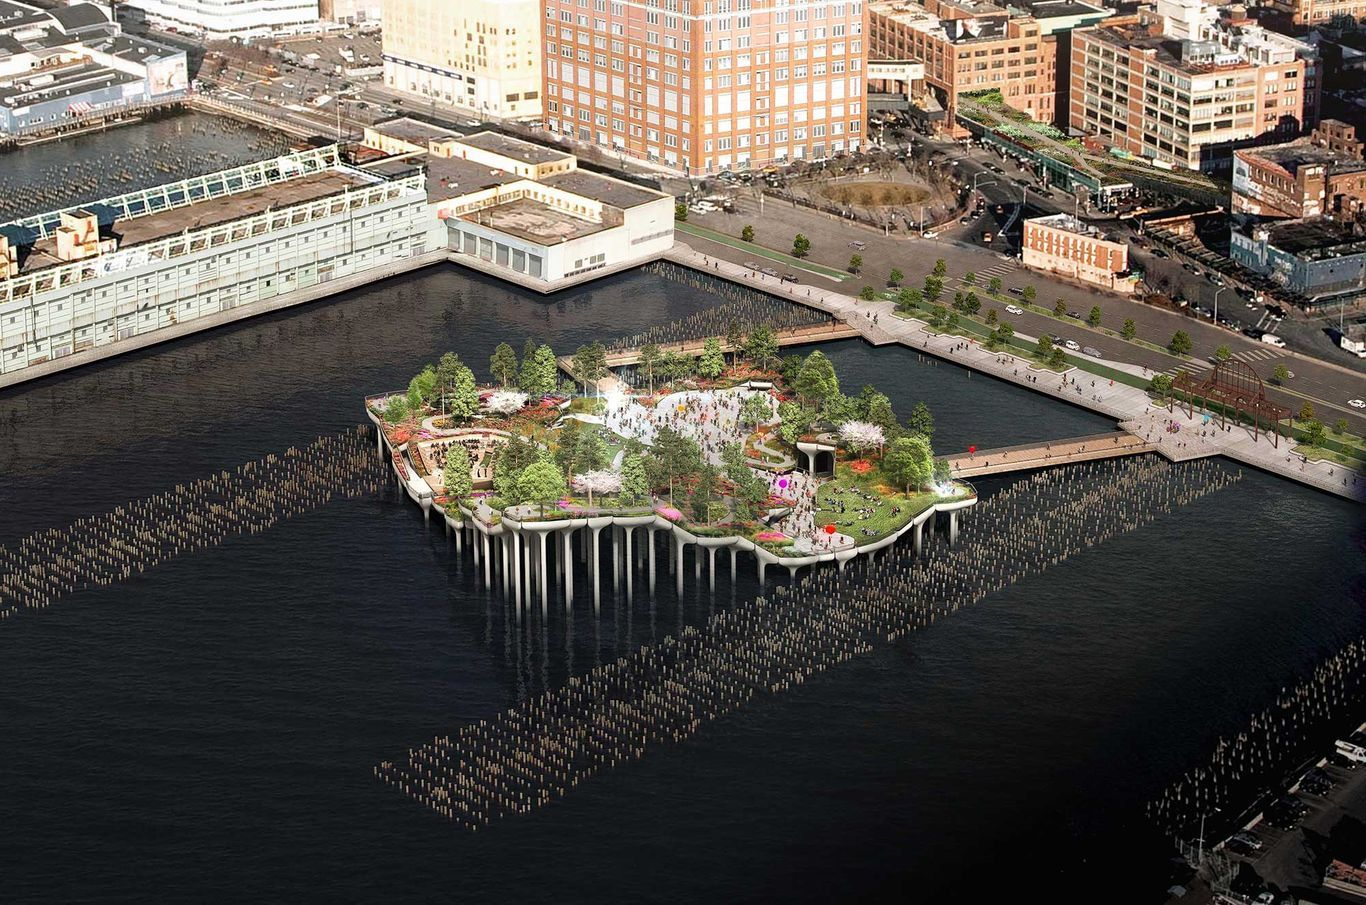 Conoce Little Island, el parque flotante sobre el río Hudson en Nueva York